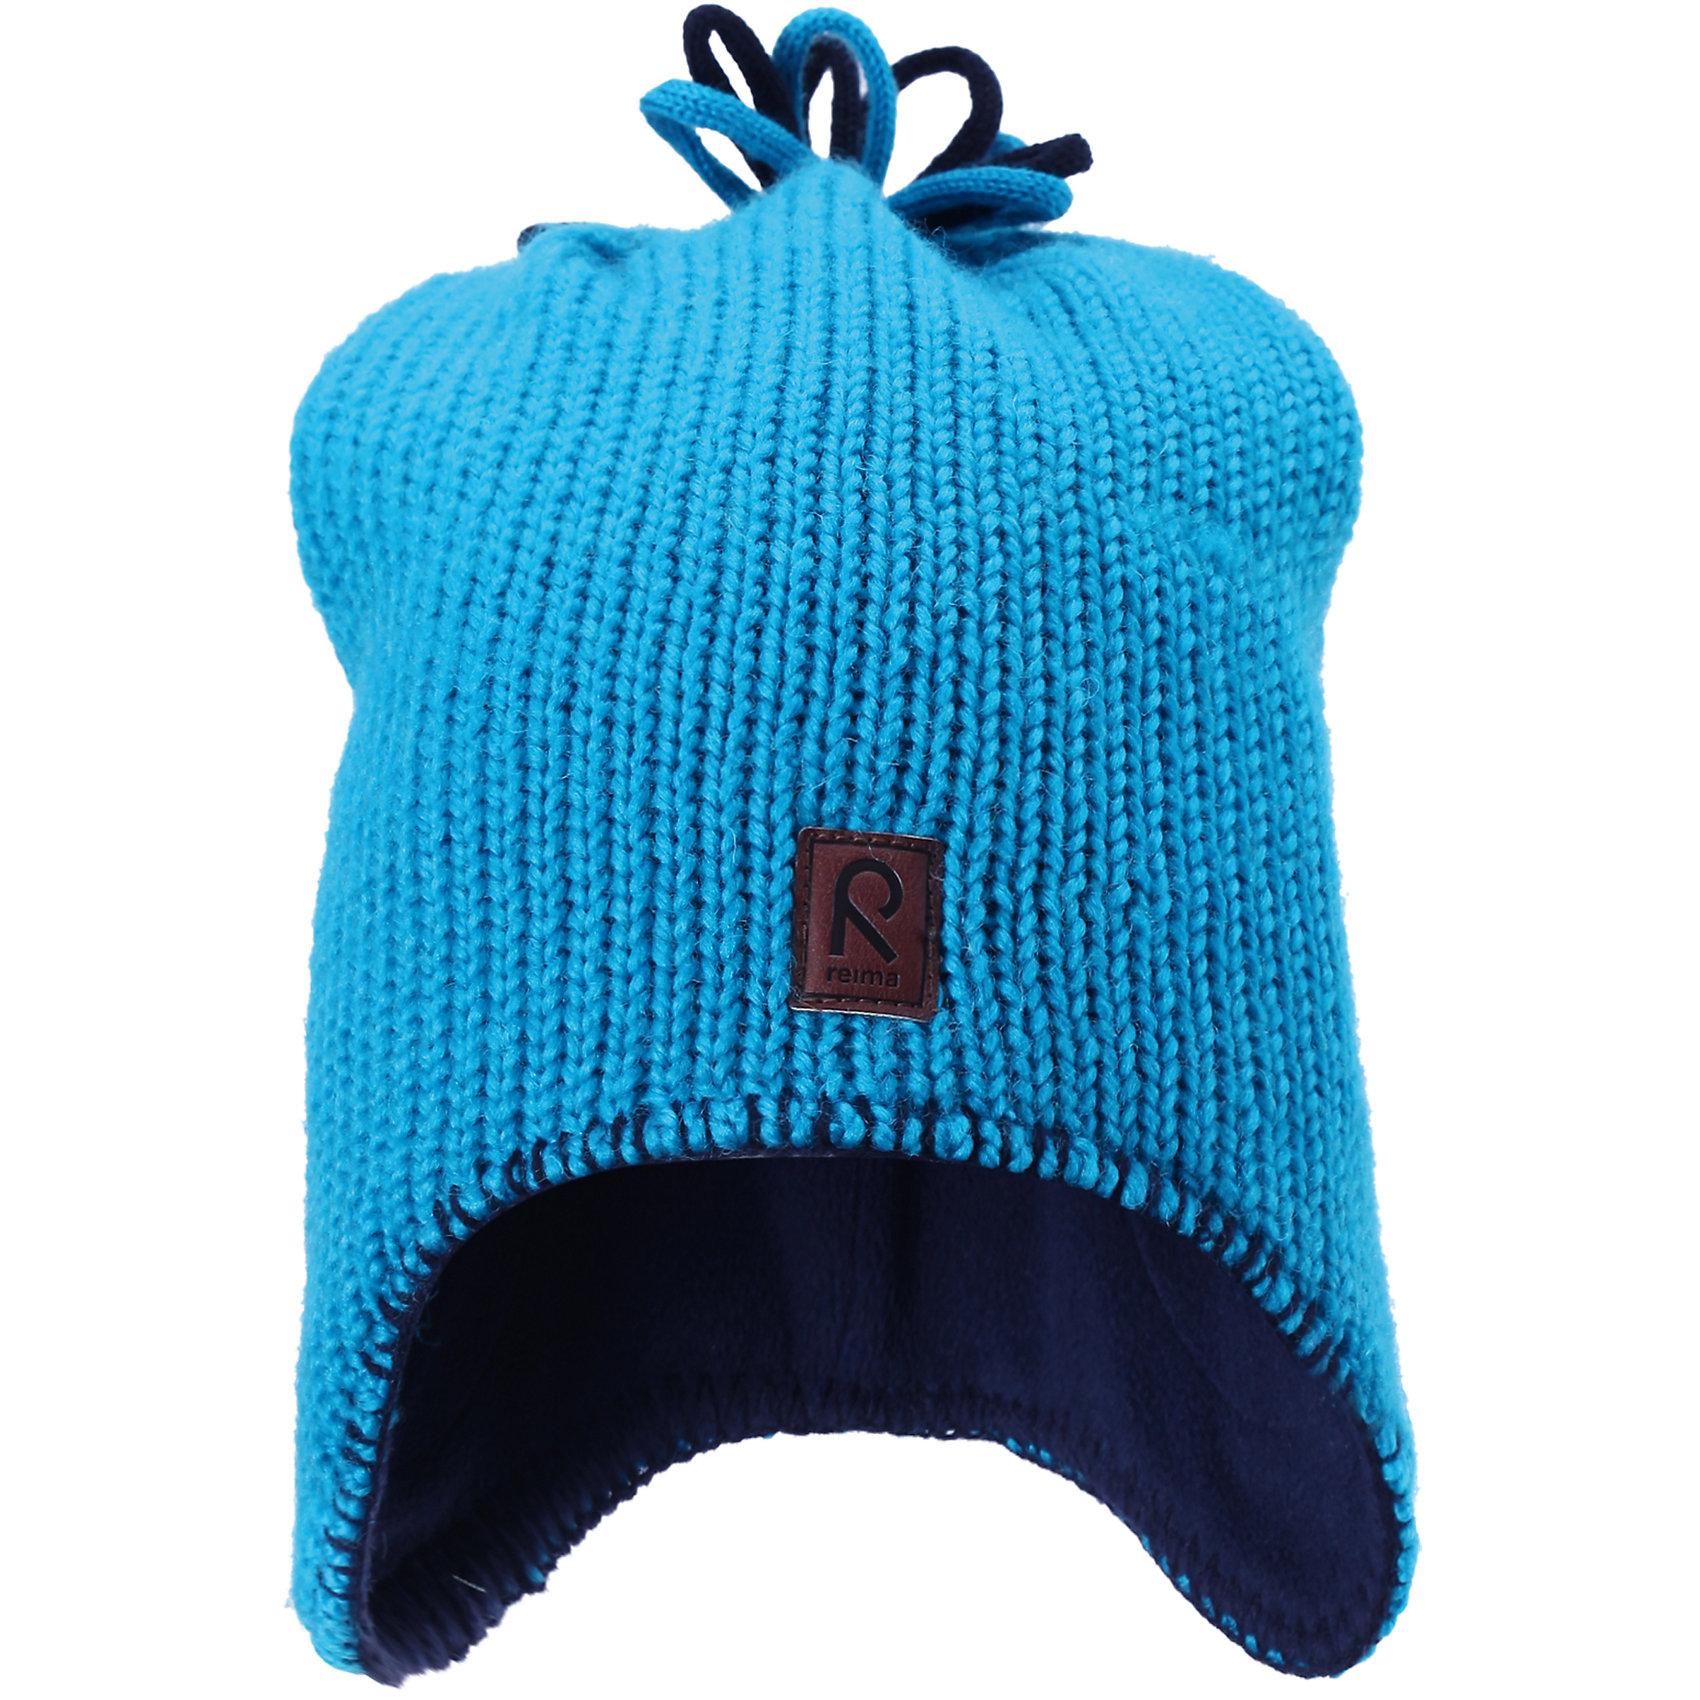 Шапка для мальчика ReimaШапки и шарфы<br>Шапка  от финской марки Reima.<br>Состав:<br>100% Шерсть<br><br>Ширина мм: 89<br>Глубина мм: 117<br>Высота мм: 44<br>Вес г: 155<br>Цвет: голубой<br>Возраст от месяцев: 9<br>Возраст до месяцев: 12<br>Пол: Мужской<br>Возраст: Детский<br>Размер: 46,54,52,50,48<br>SKU: 4653952